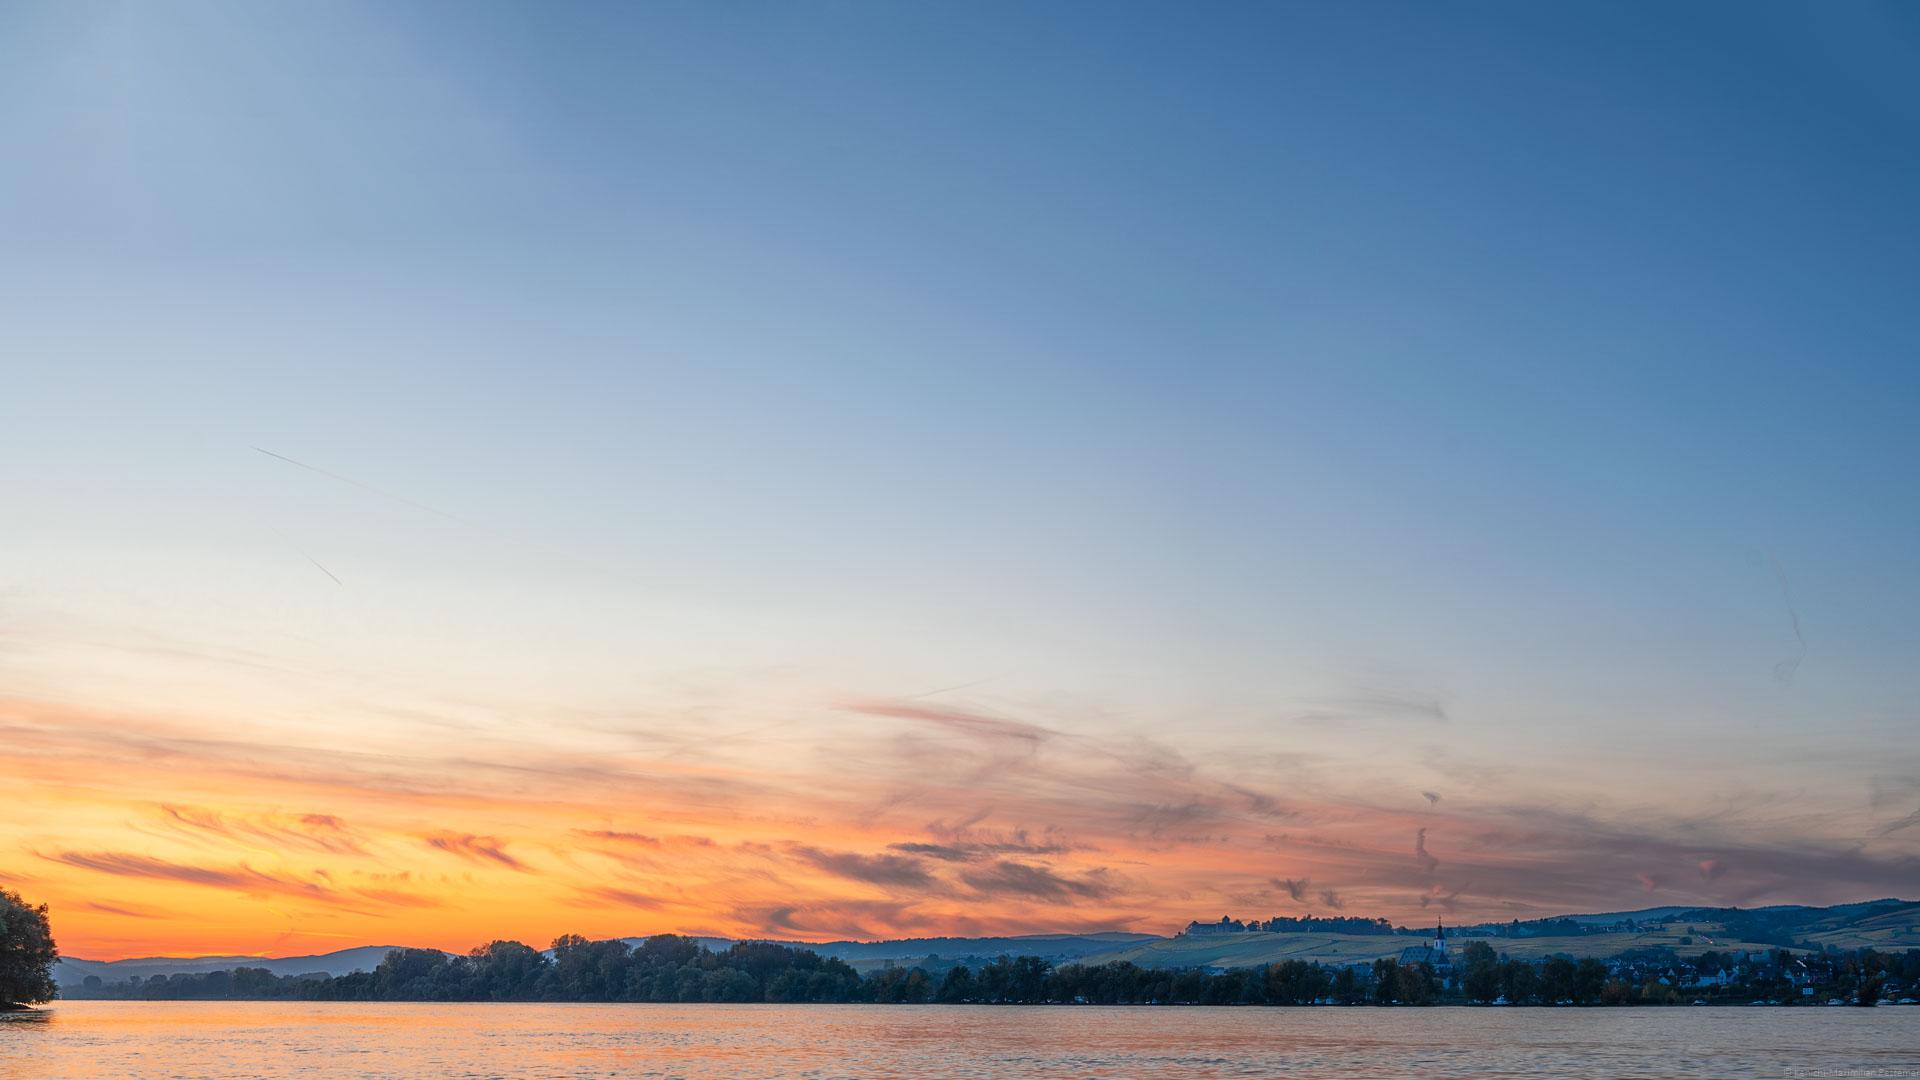 Feuriger Sonnenuntergang bei Oestrich-Winkel am Rheingau. Vorne unten im Bild verläuft der Fluss Rhein. Am anderen Ufer erkennt man Bäume, Häuser und Weinberge des Rheingaus. Im Hintergrund erblickt man das Schloss Johannisberg- Der Himmel ist orange, rot und blau.